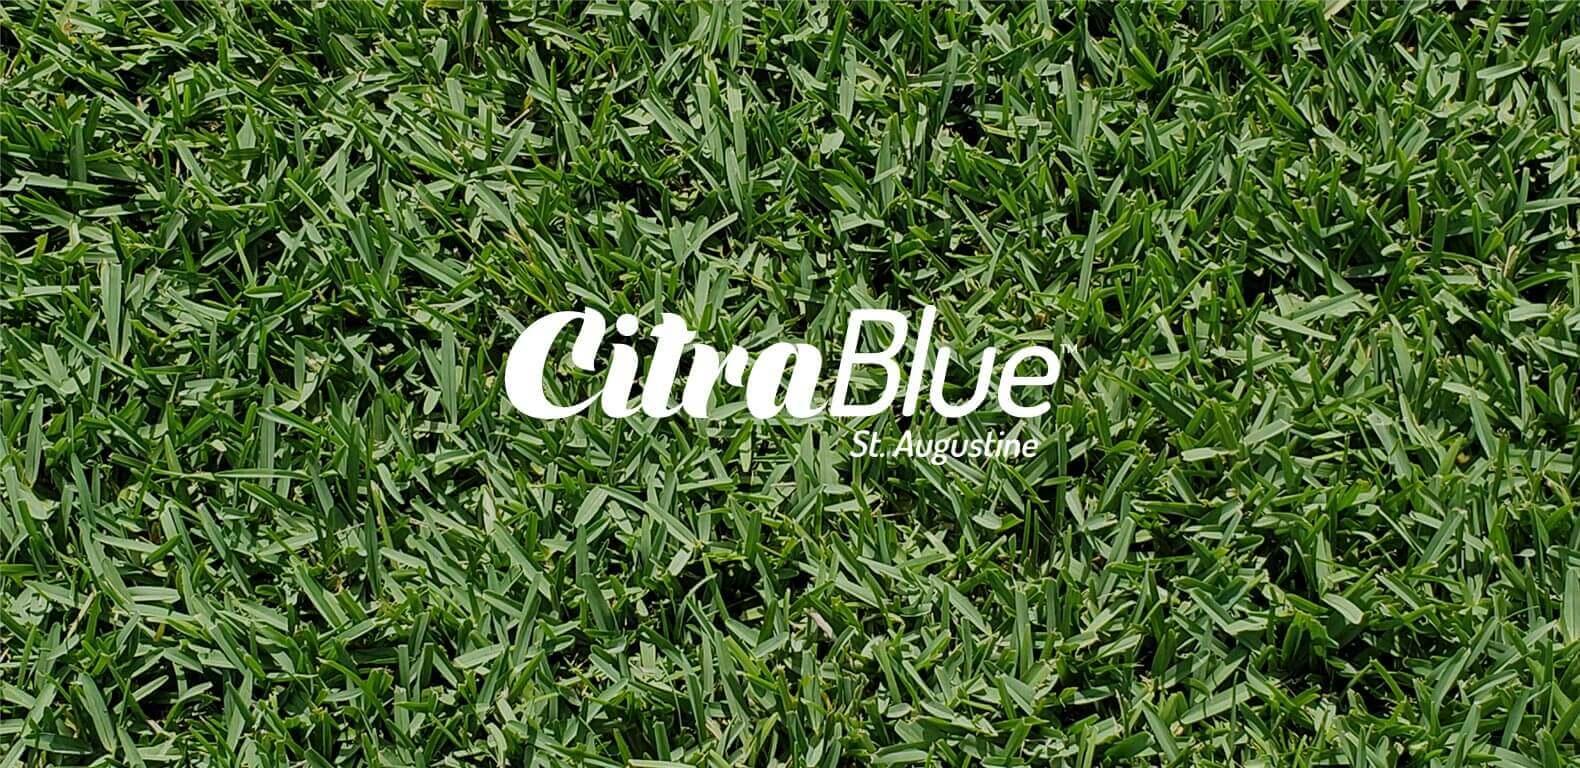 Duda_CitraBlue_LogoOnGrass